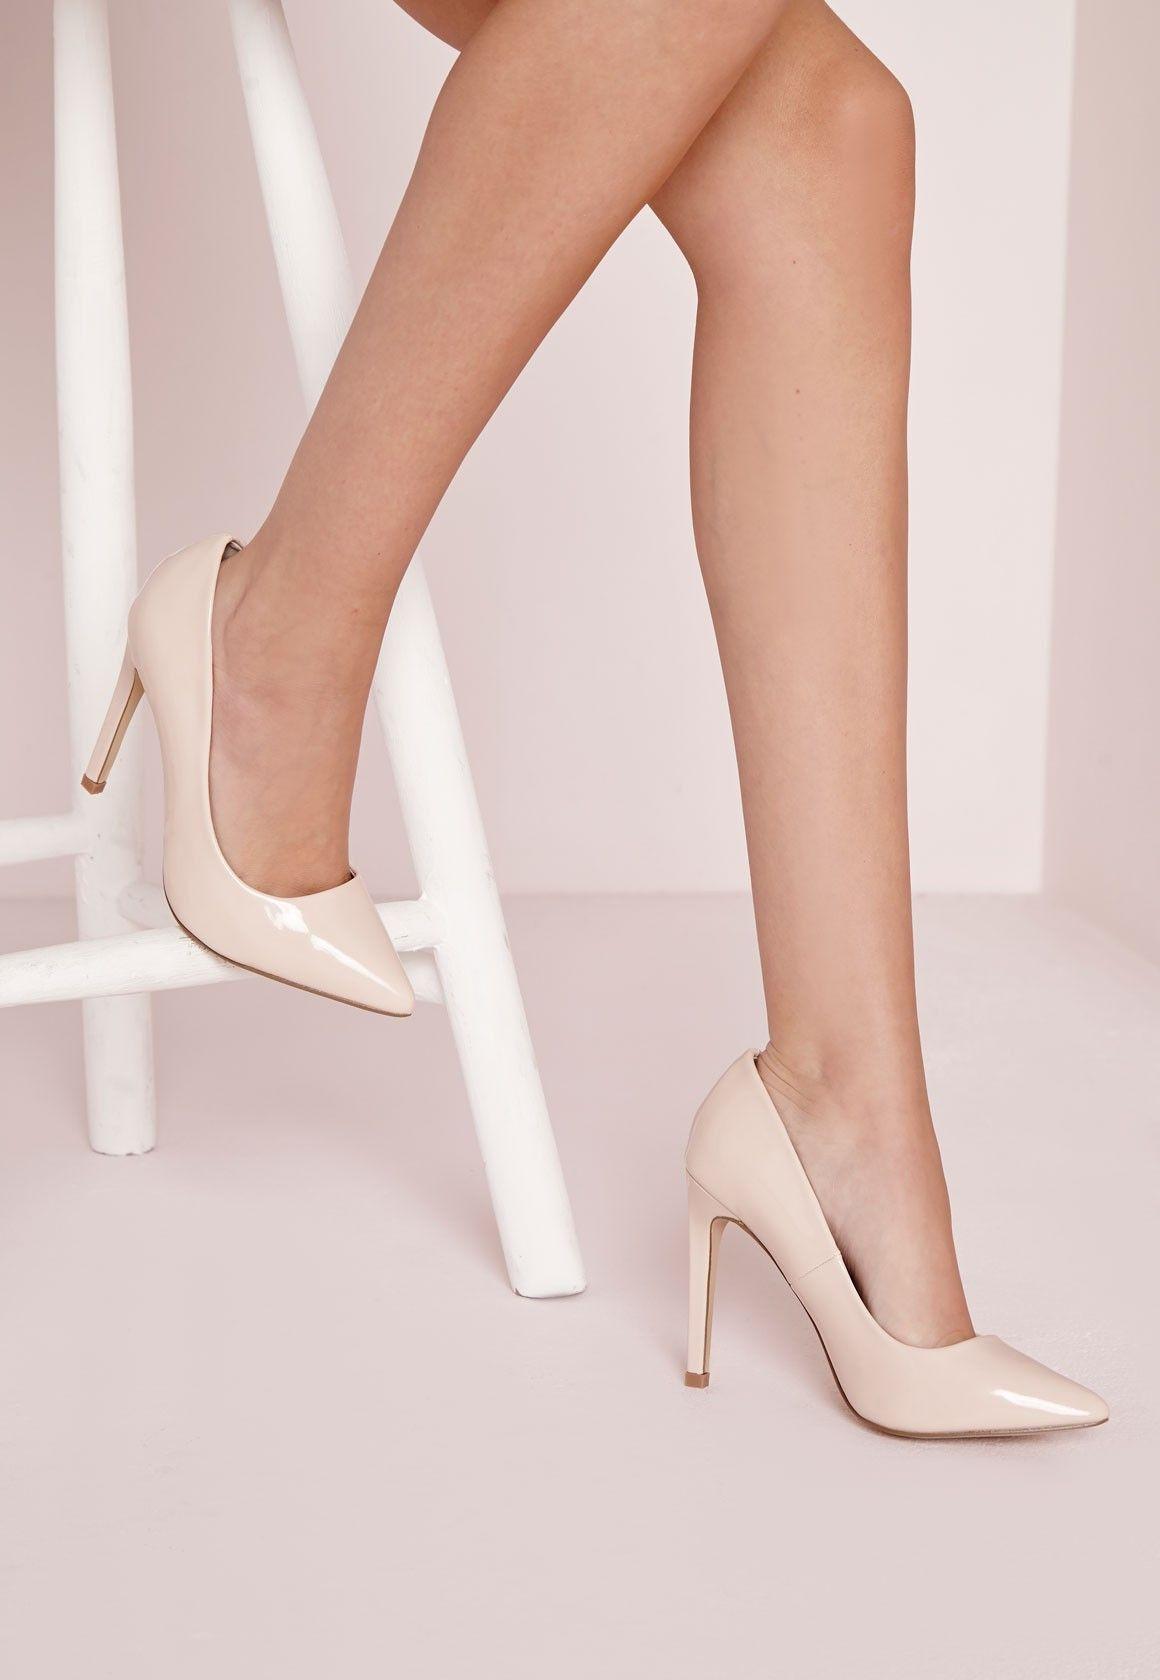 Escarpins pointus nude à talons aiguilles - Chaussures - Talons hauts -  Missguided